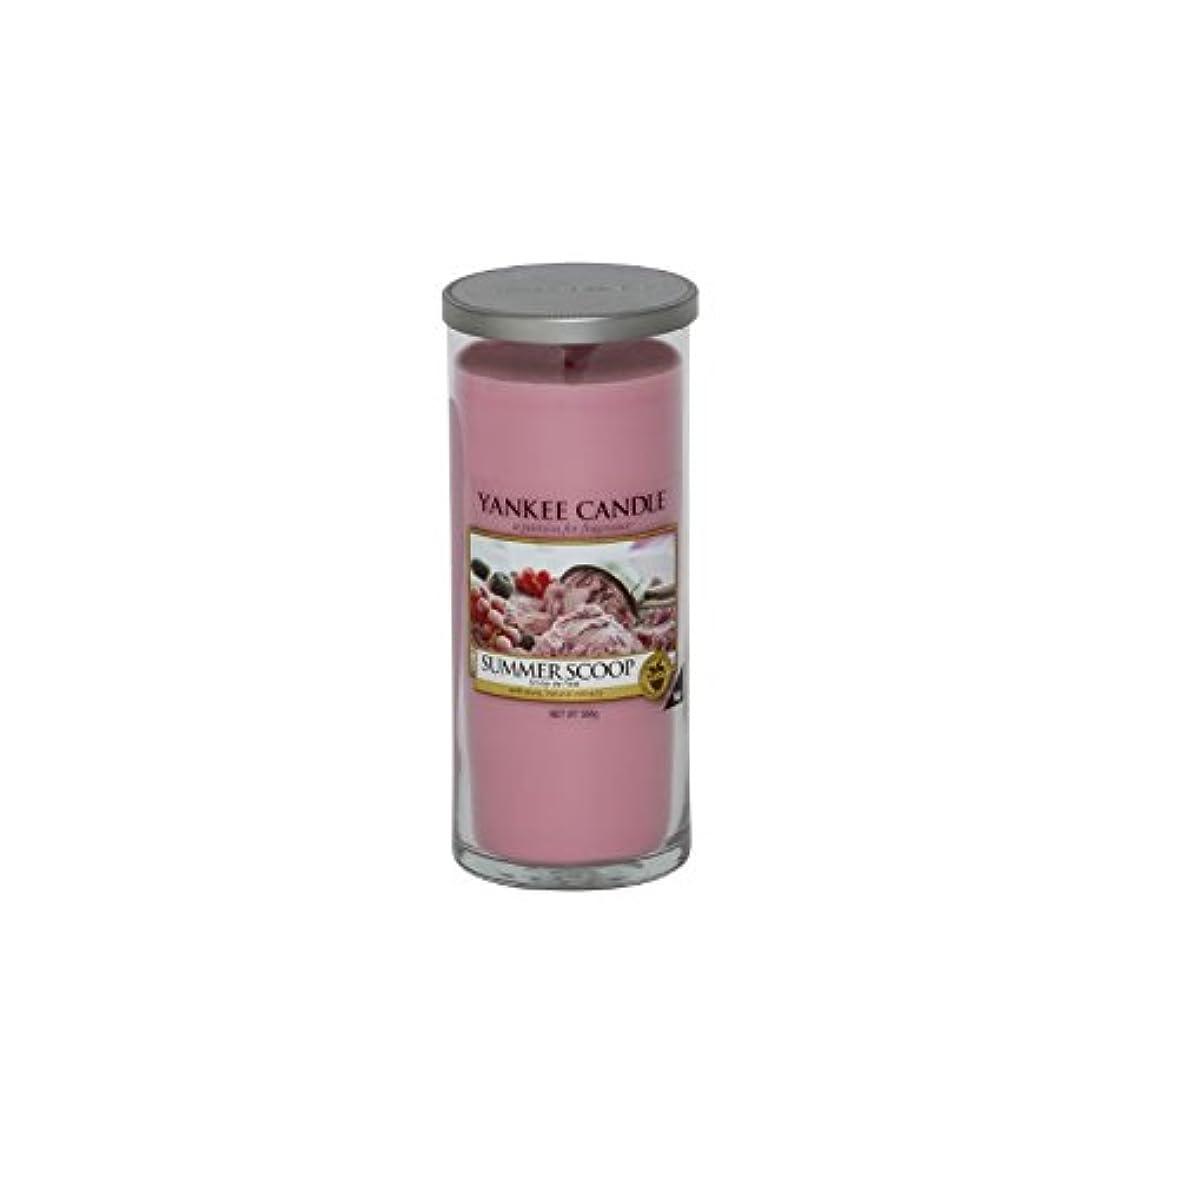 サスティーン無視できるYankee Candles Large Pillar Candle - Summer Scoop (Pack of 6) - ヤンキーキャンドル大きな柱キャンドル - 夏のスクープ (x6) [並行輸入品]